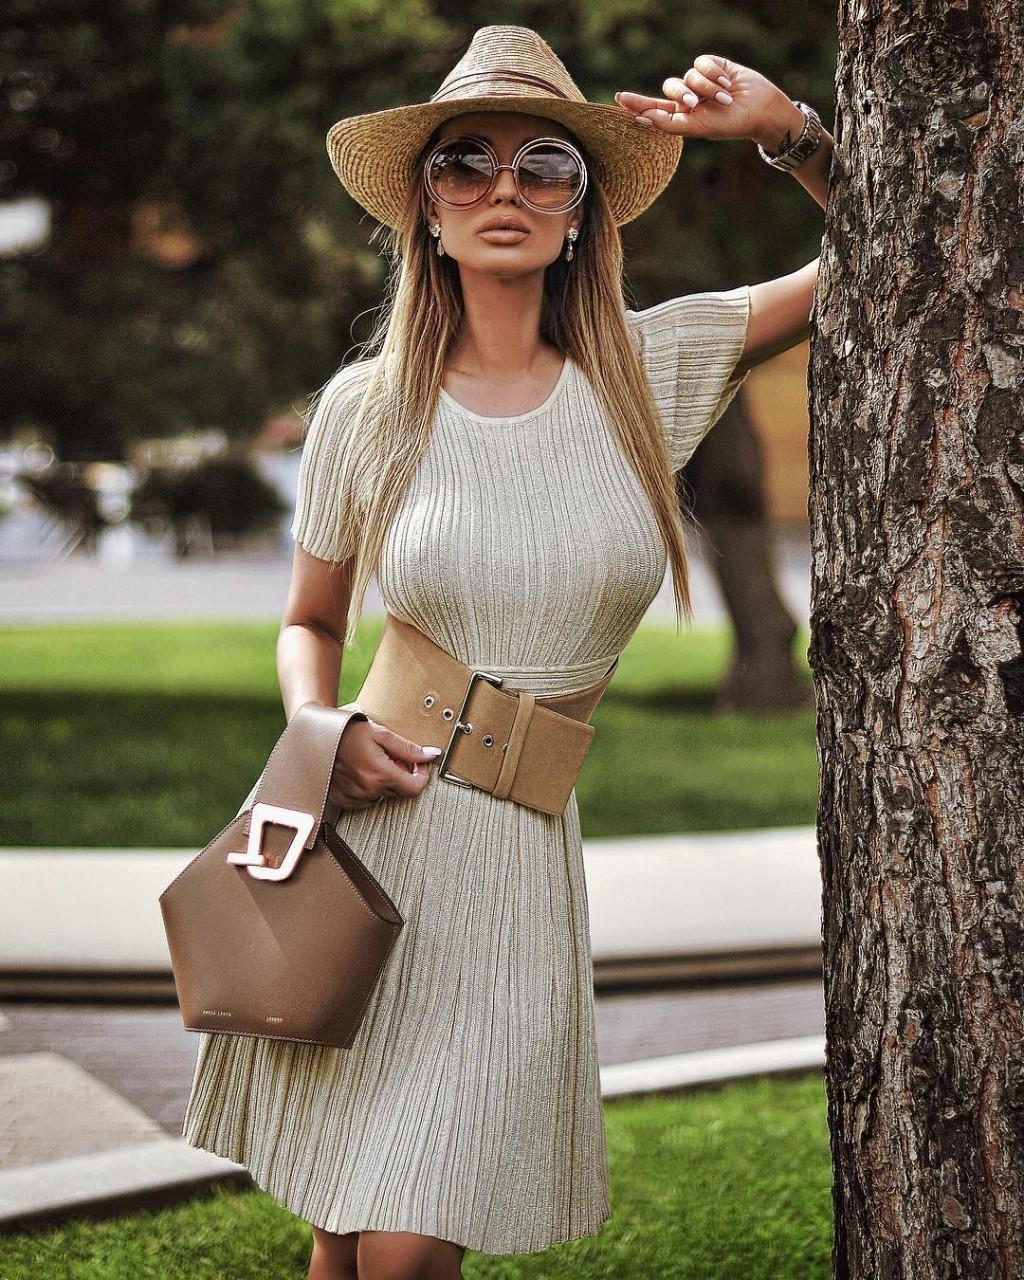 Признаки в одежде, по которым легко отличить москвичку от приезжей